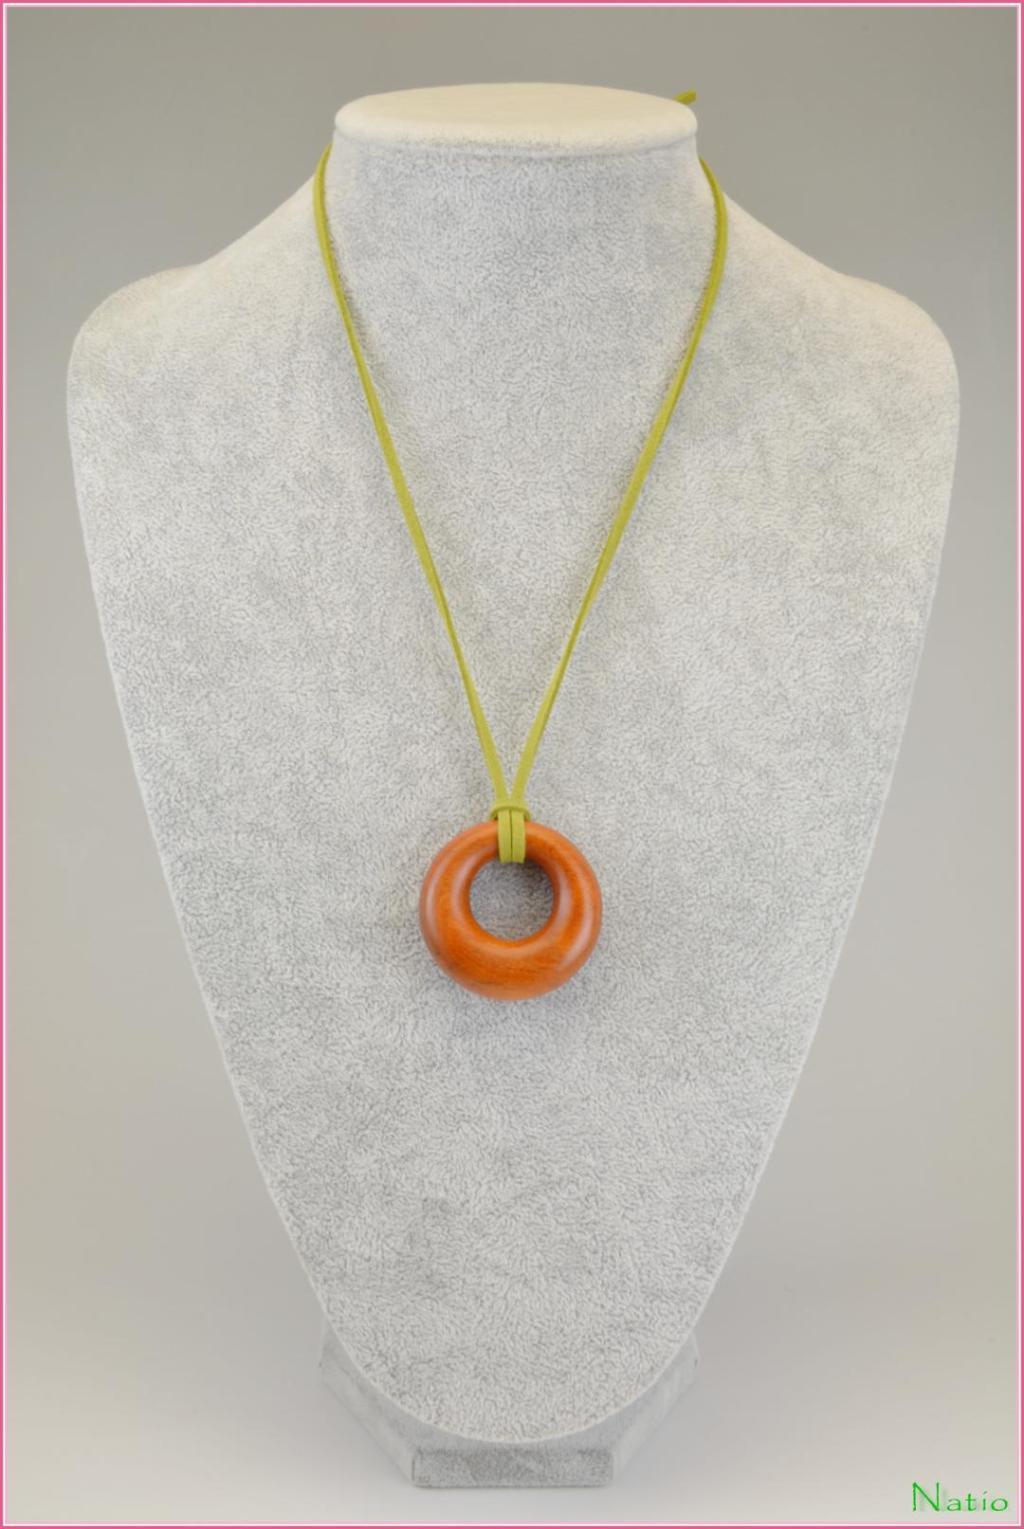 フェルナンプーコのリングネックレスの画像